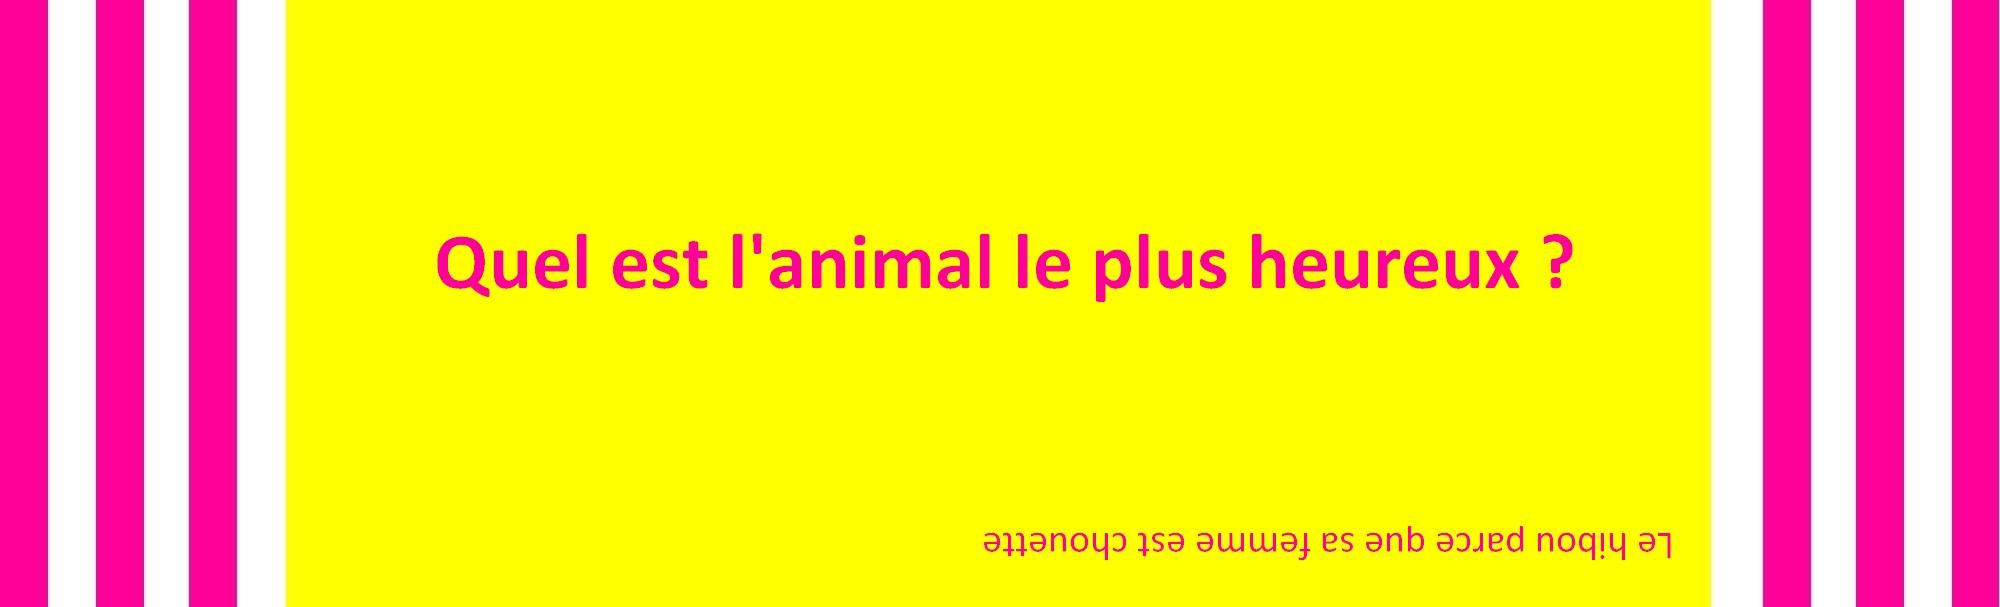 Compilation de blagues en français et dhistoires drôles